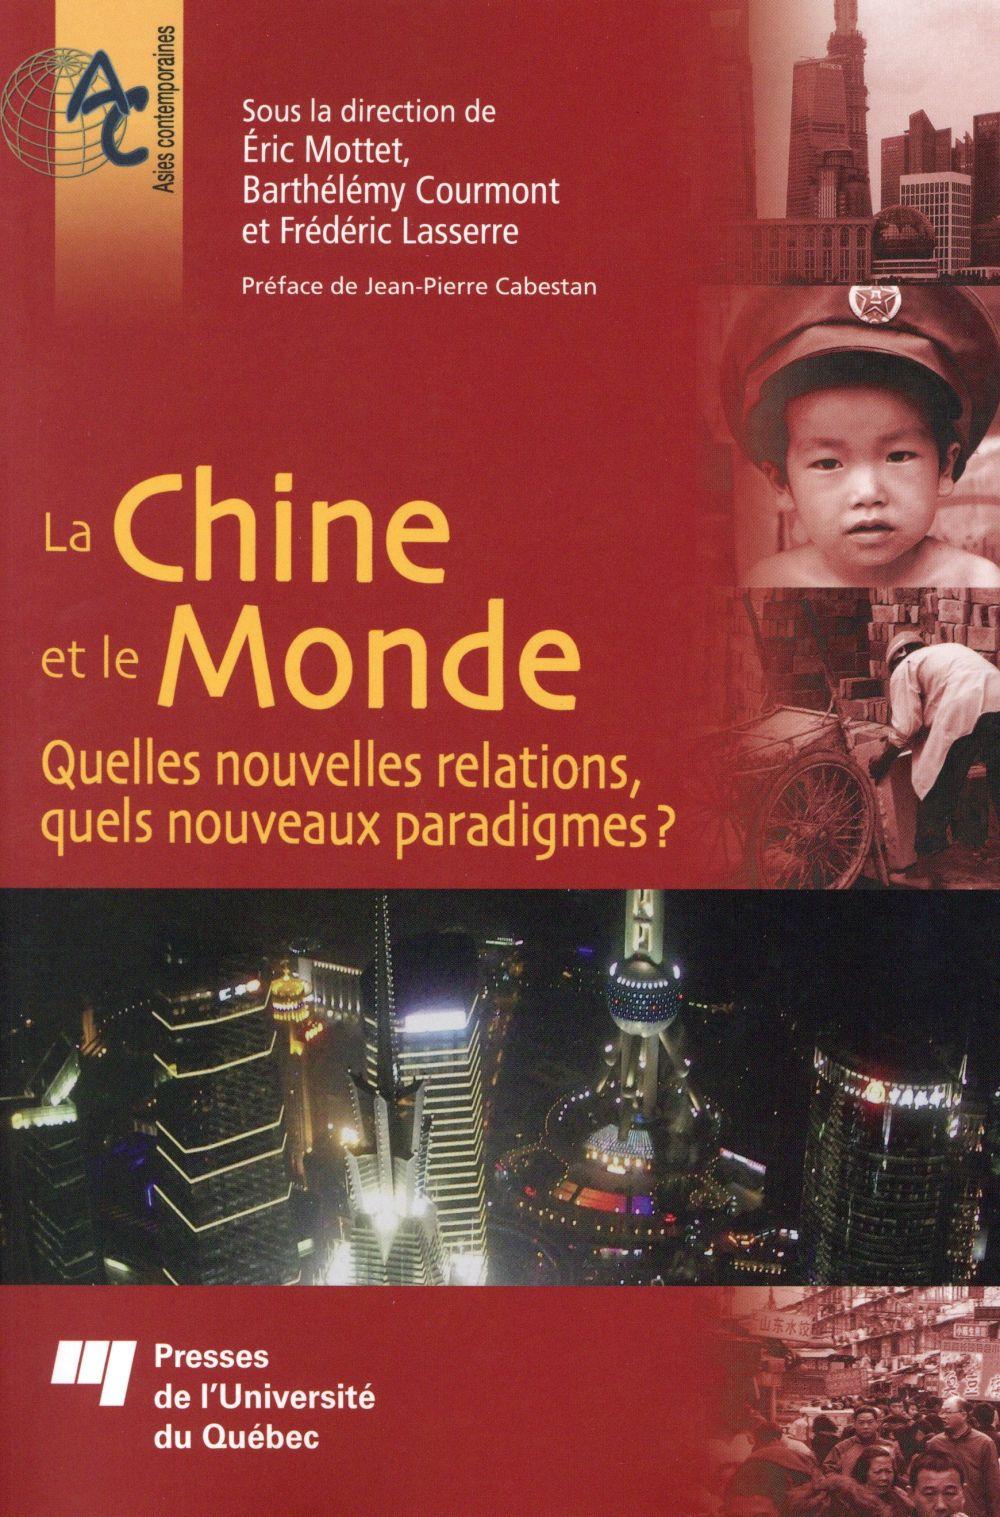 La Chine et le Monde, Quelles nouvelles relations, quels nouveaux paradigmes?